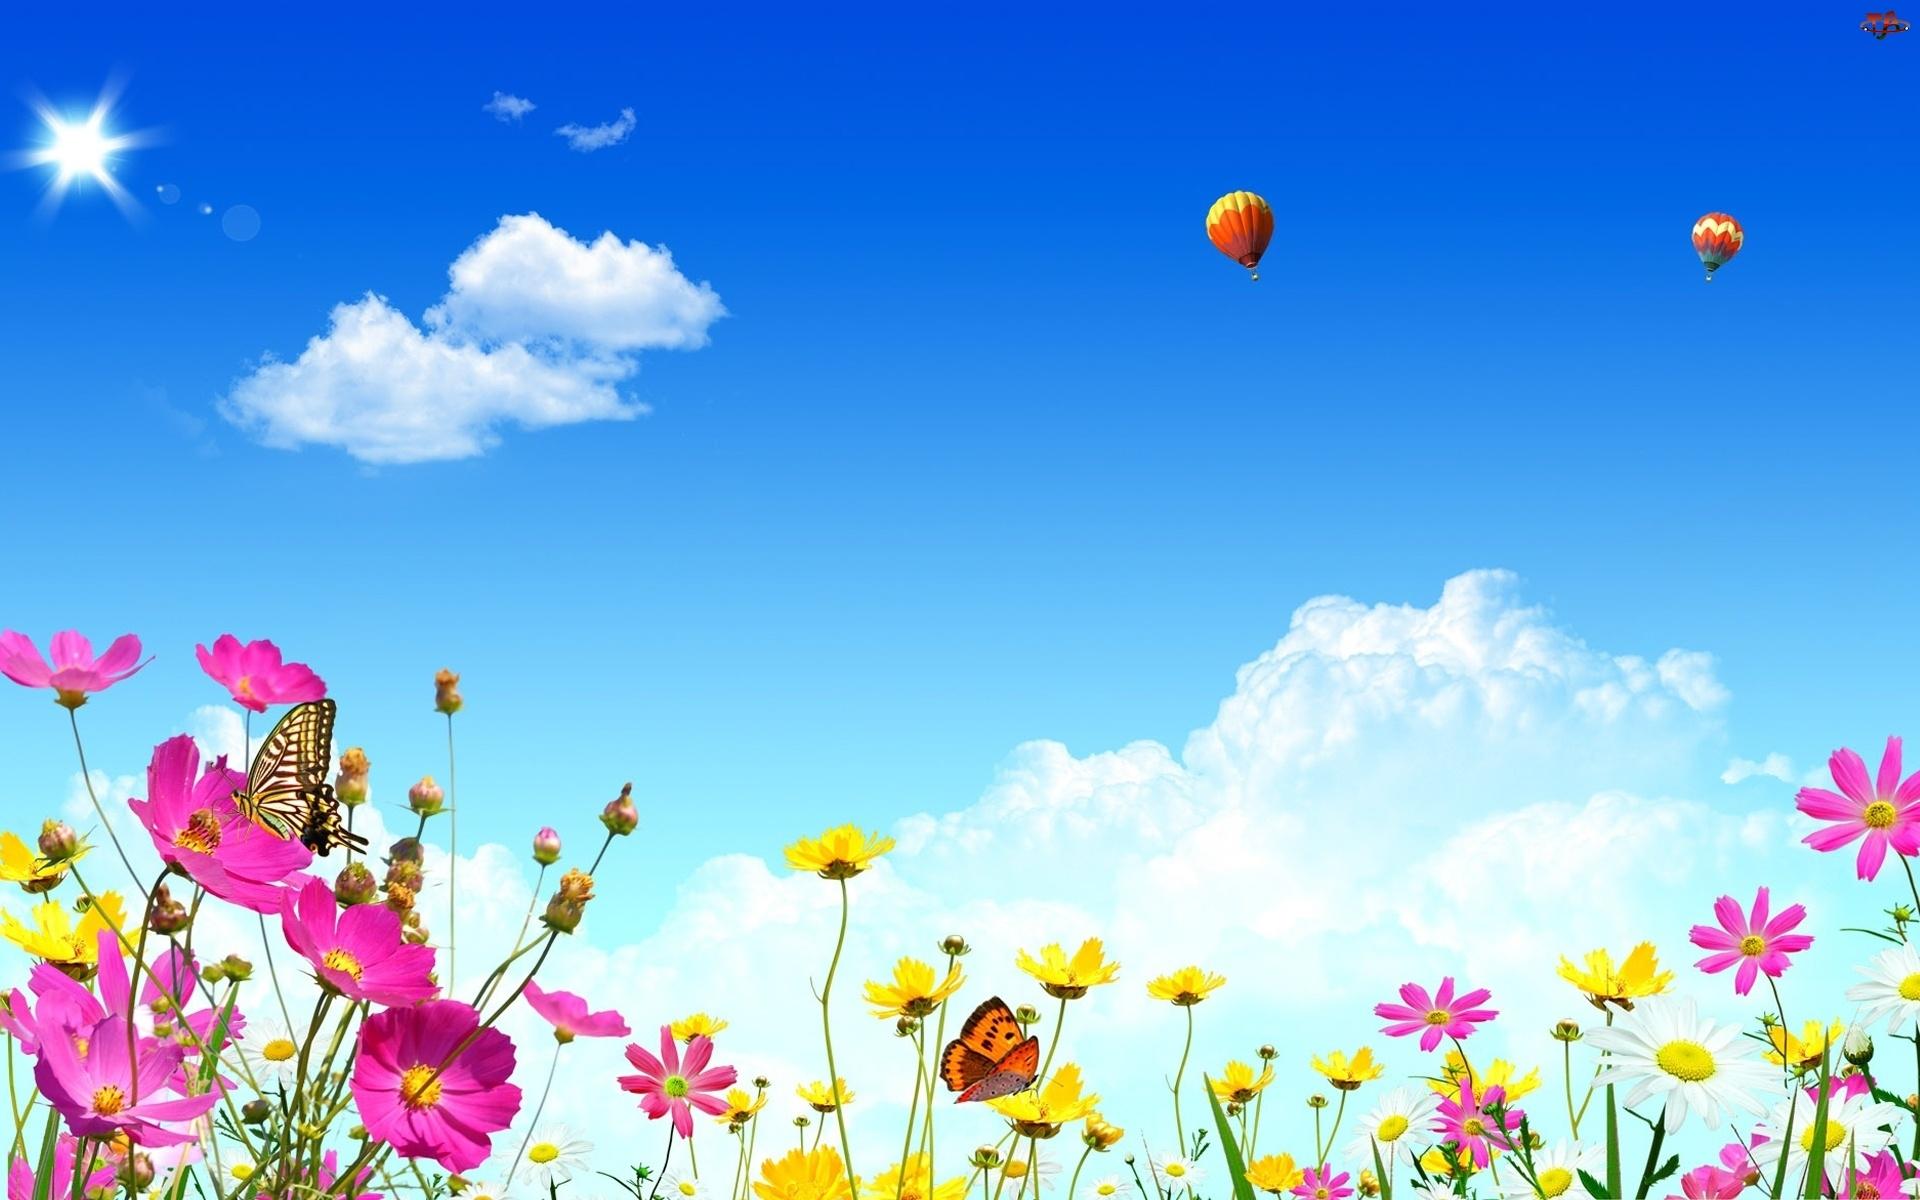 Motyle, Niebo, Wiosna, Balony, Kolorowe, Kwiatki